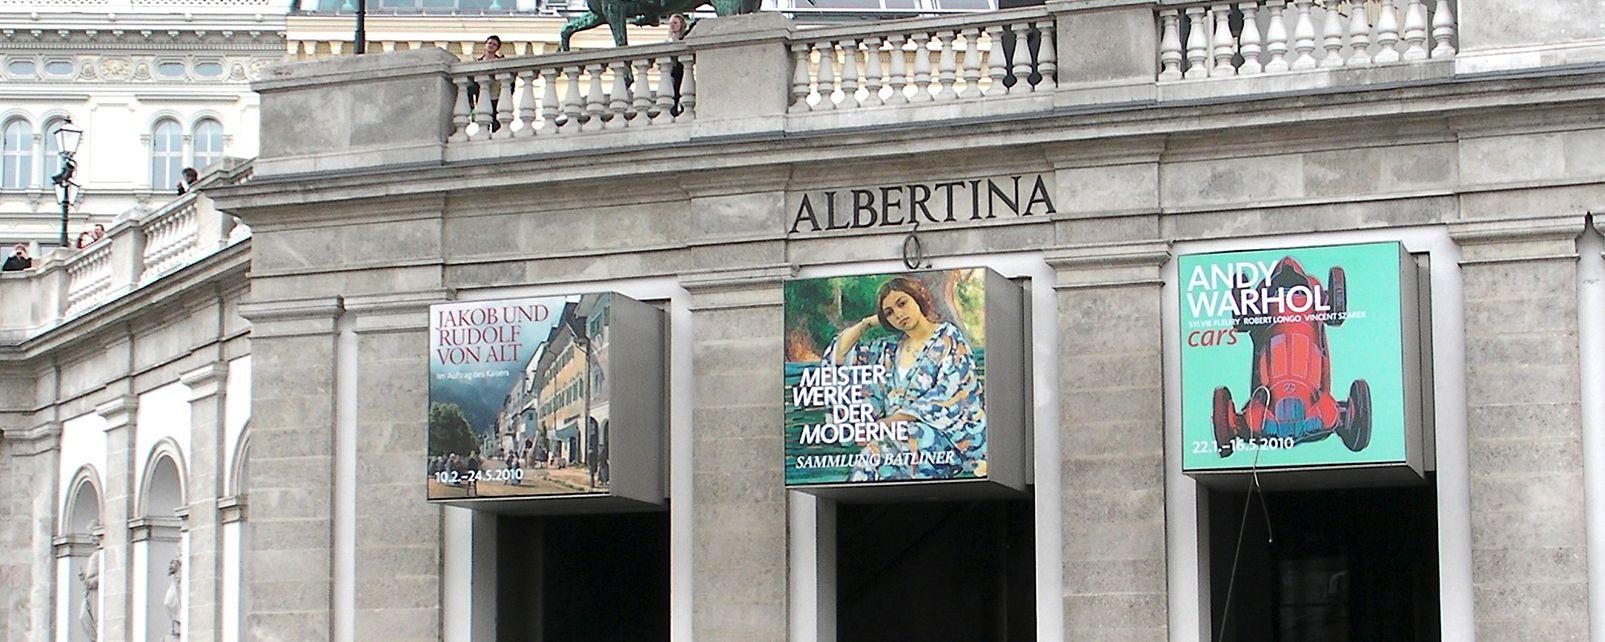 Les musées, Vienne, Autriche, musée, art, Albertina